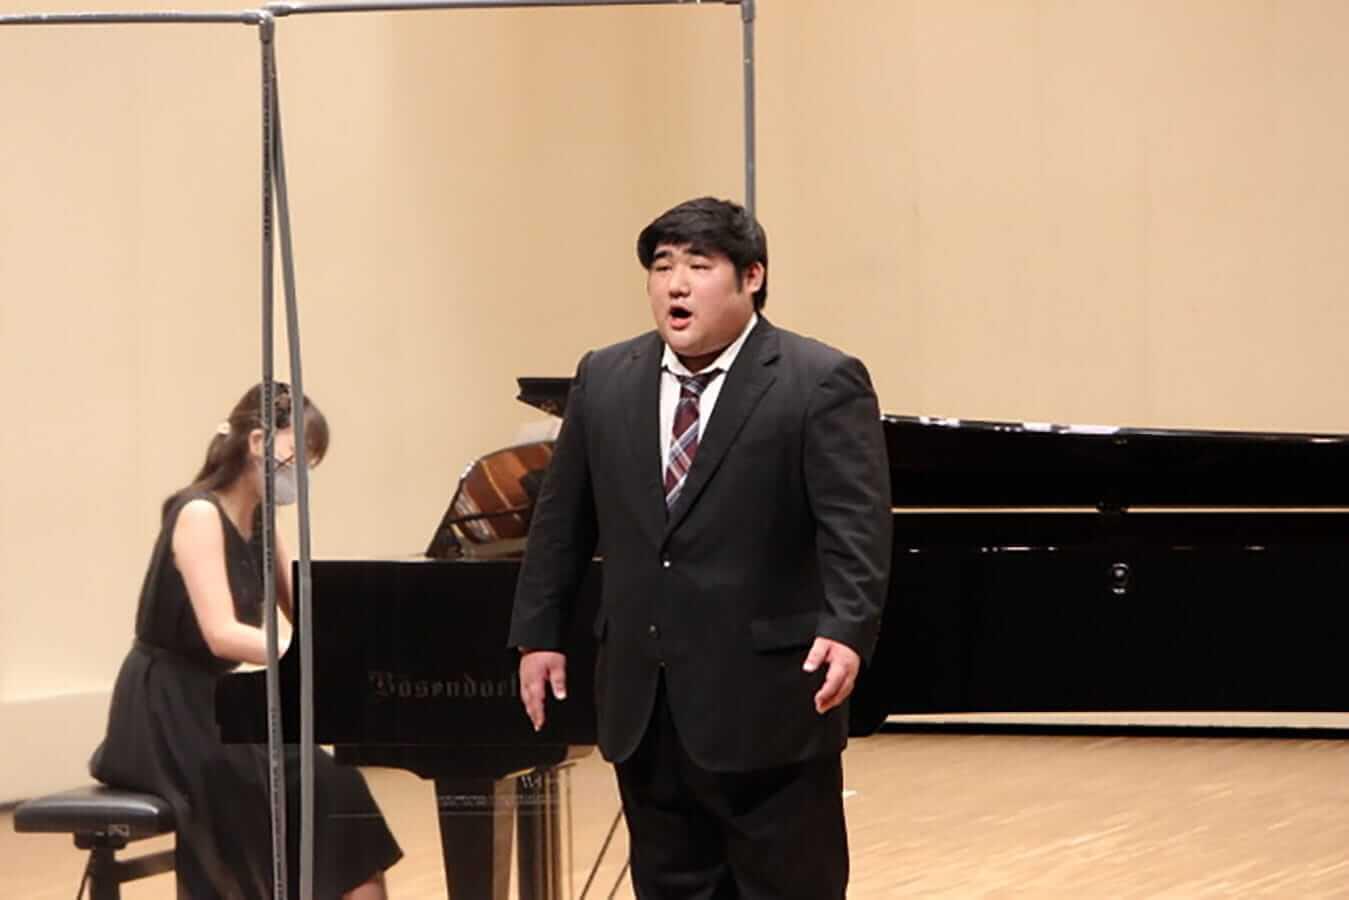 [写真]学内演奏会 ―声楽コース 1・2年次 独唱 3年次 日本歌曲―演奏風景3